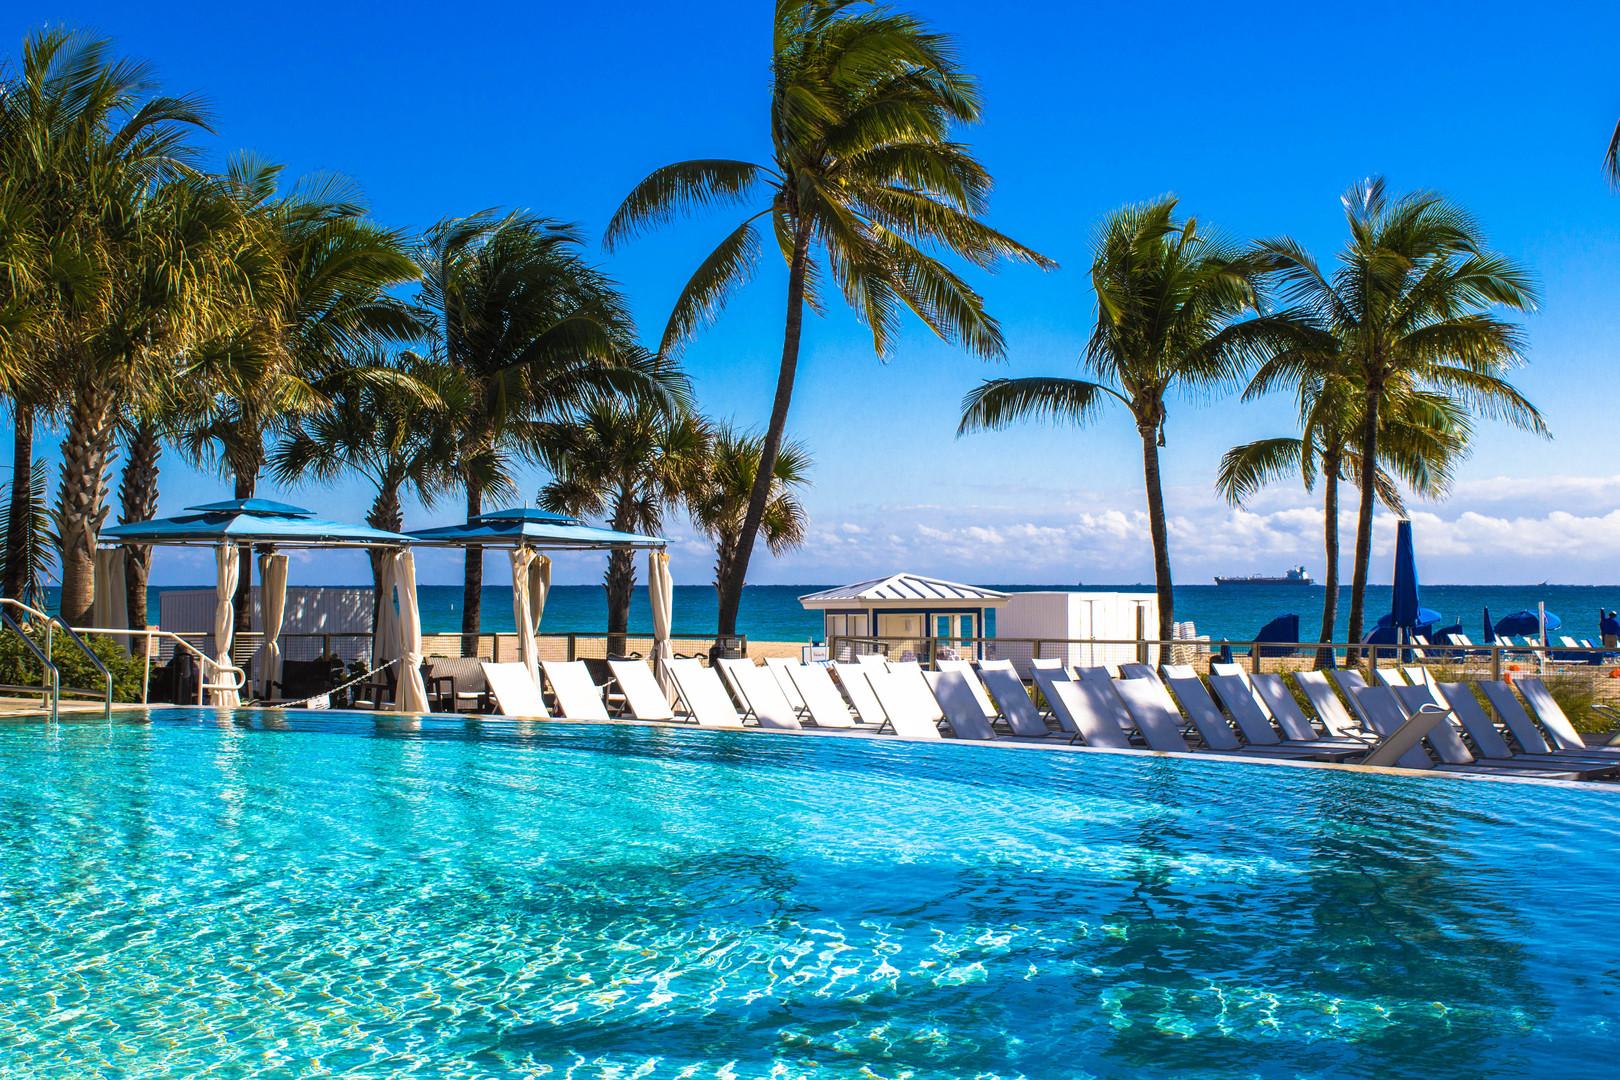 B Ocean Resort Fort Lauderdale image 4